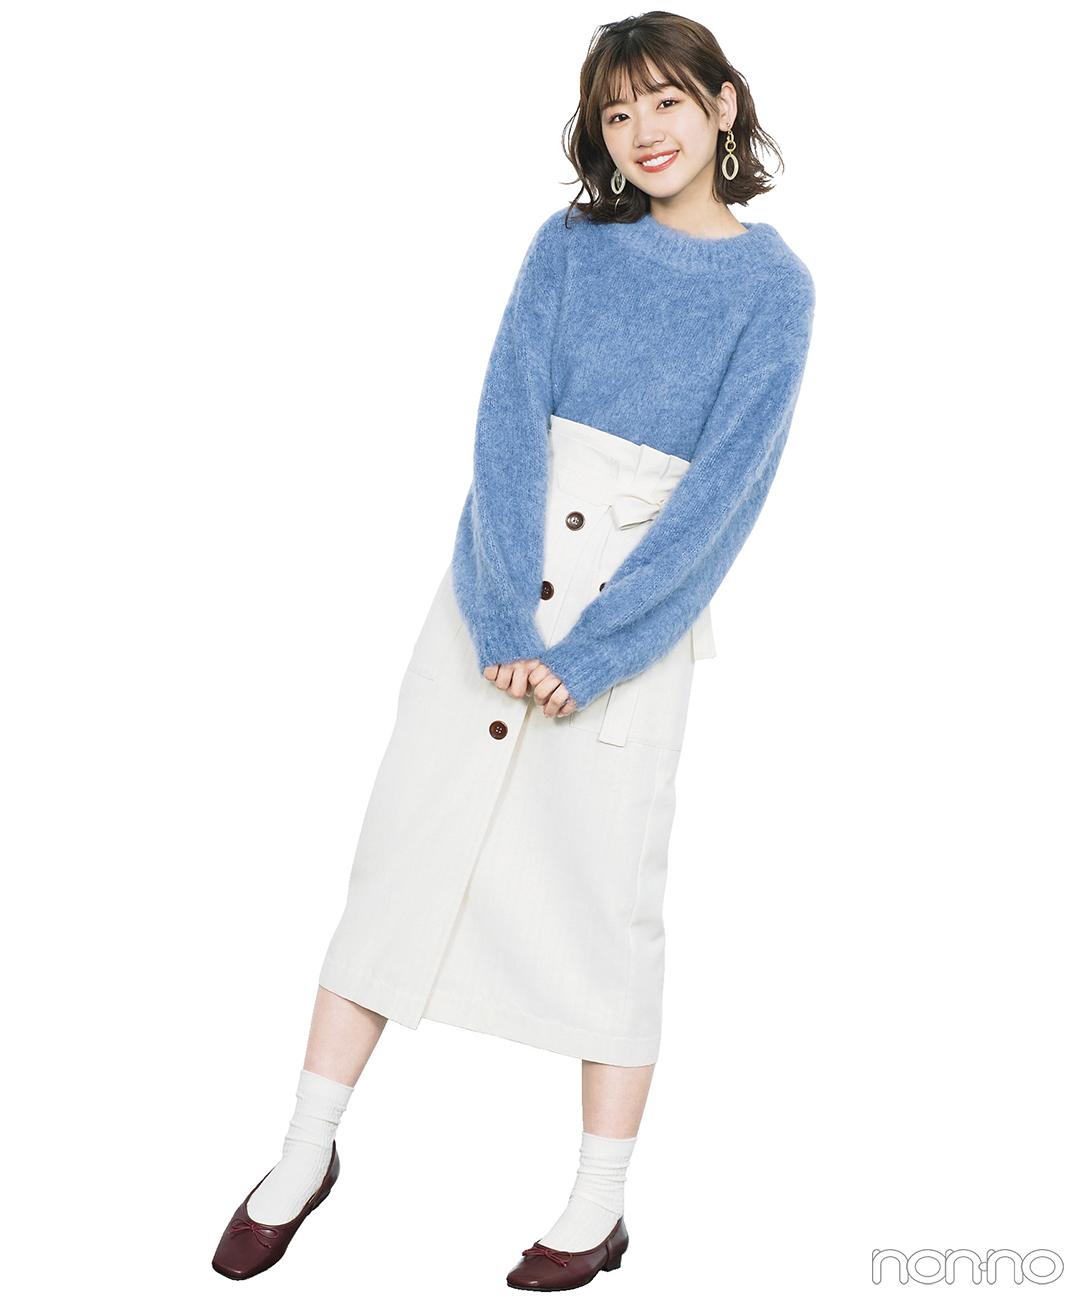 アイスブルーのニットは×白の爽やか配色でモテちゃうコーデに!【毎日コーデ】